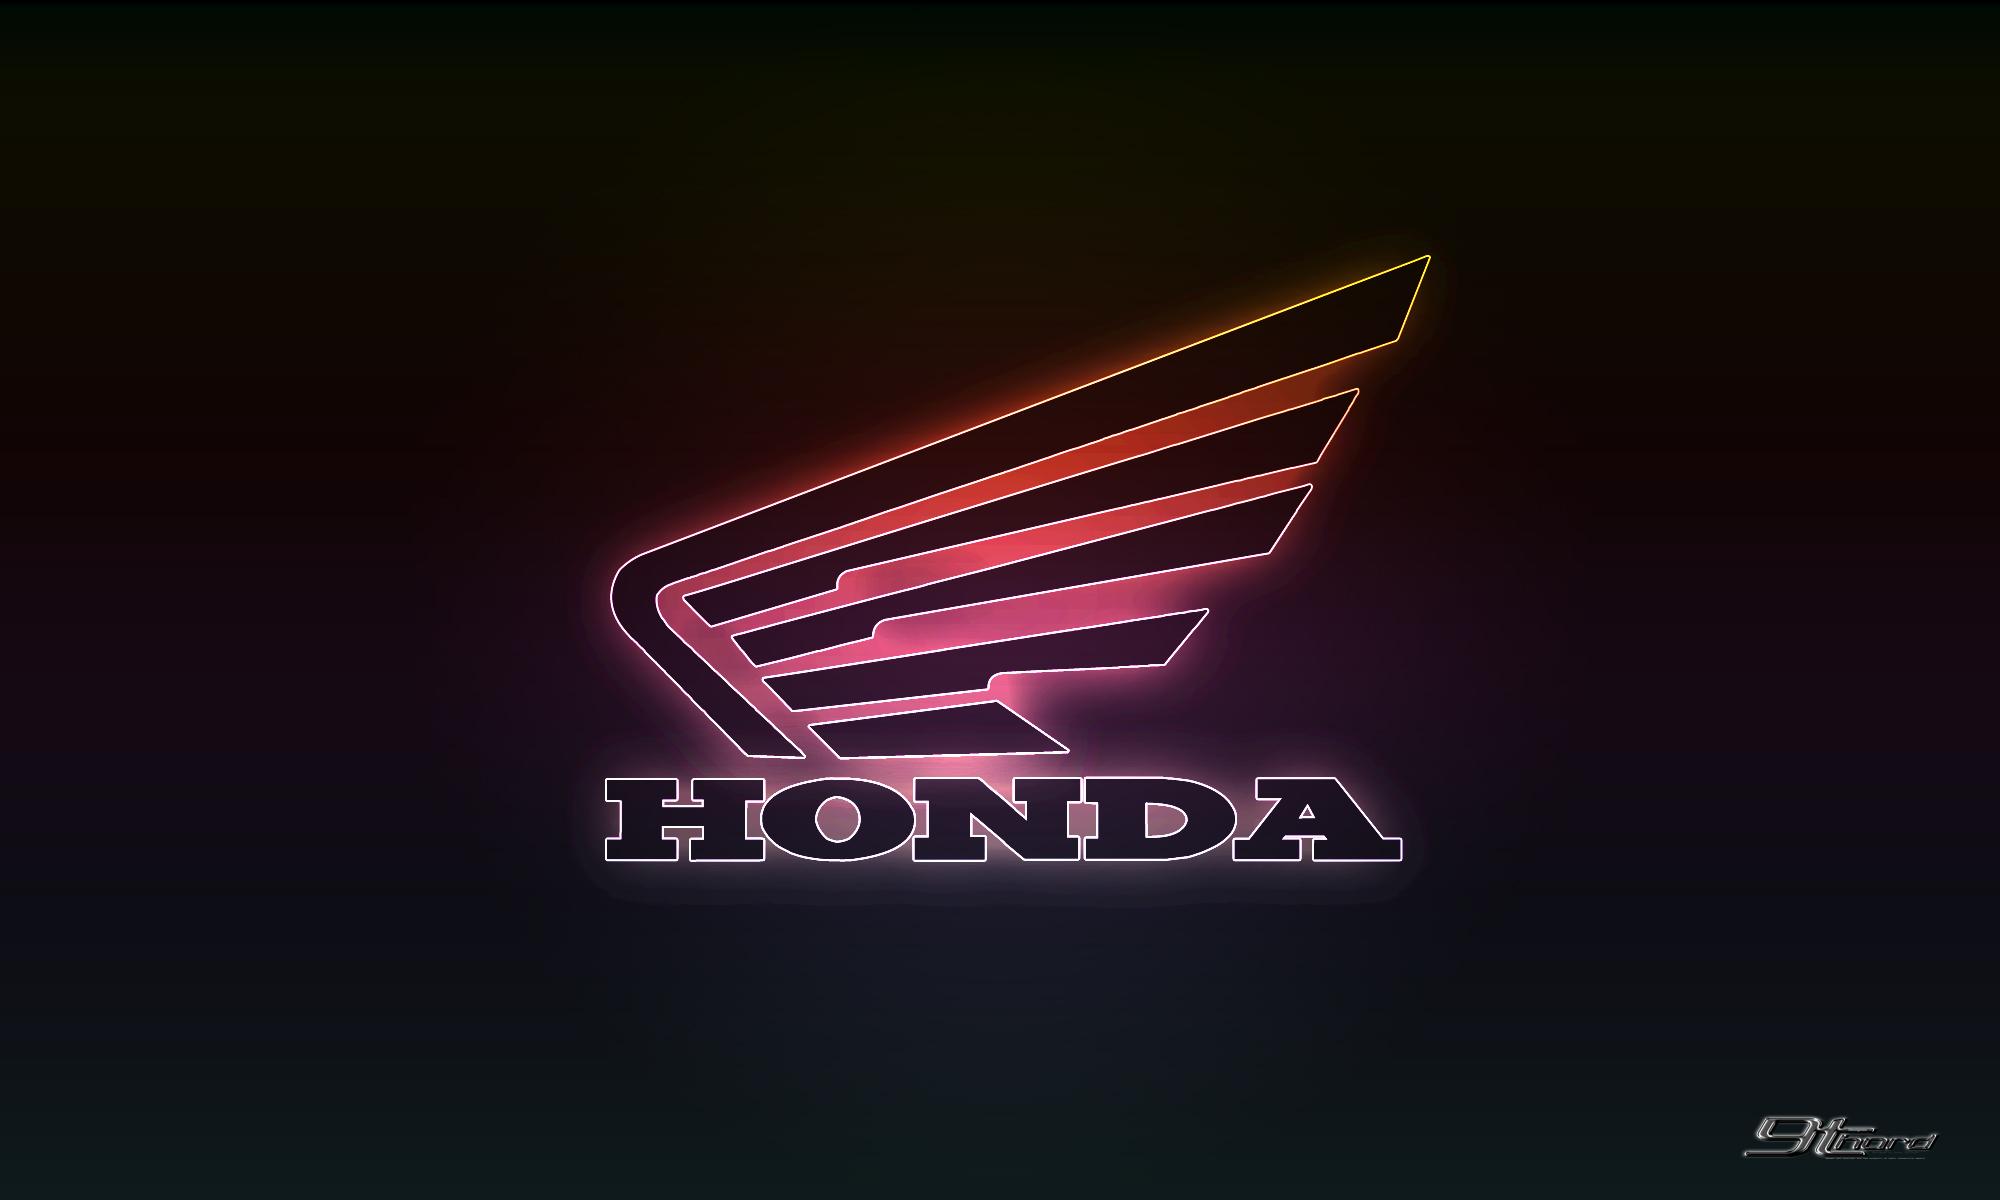 honda logo wallpaper - wallpapersafari